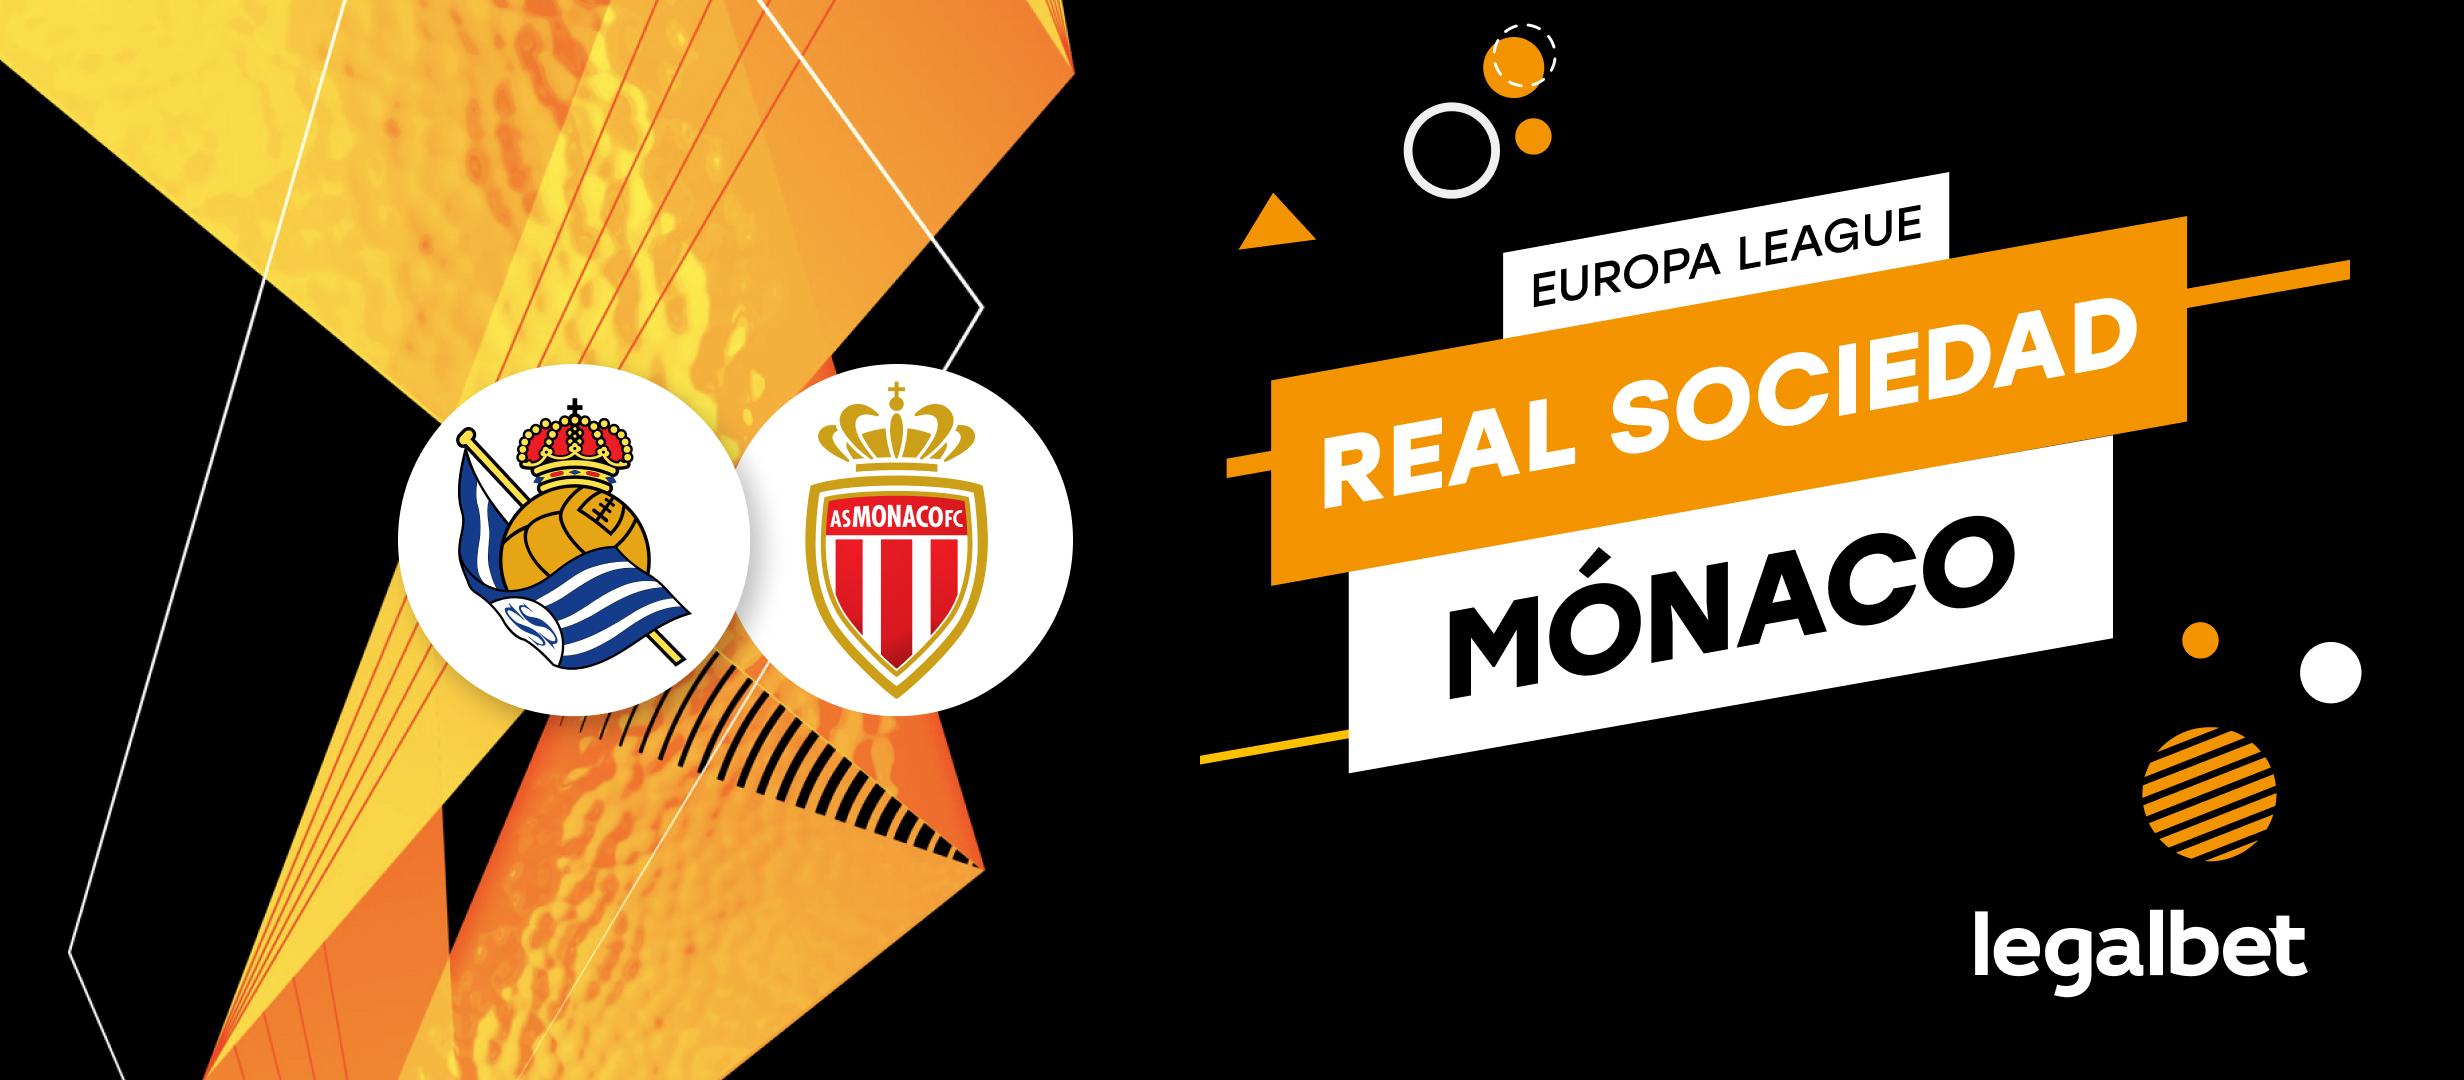 Apuestas y cuotas Real Sociedad - Mónaco, Europa League 2021/22